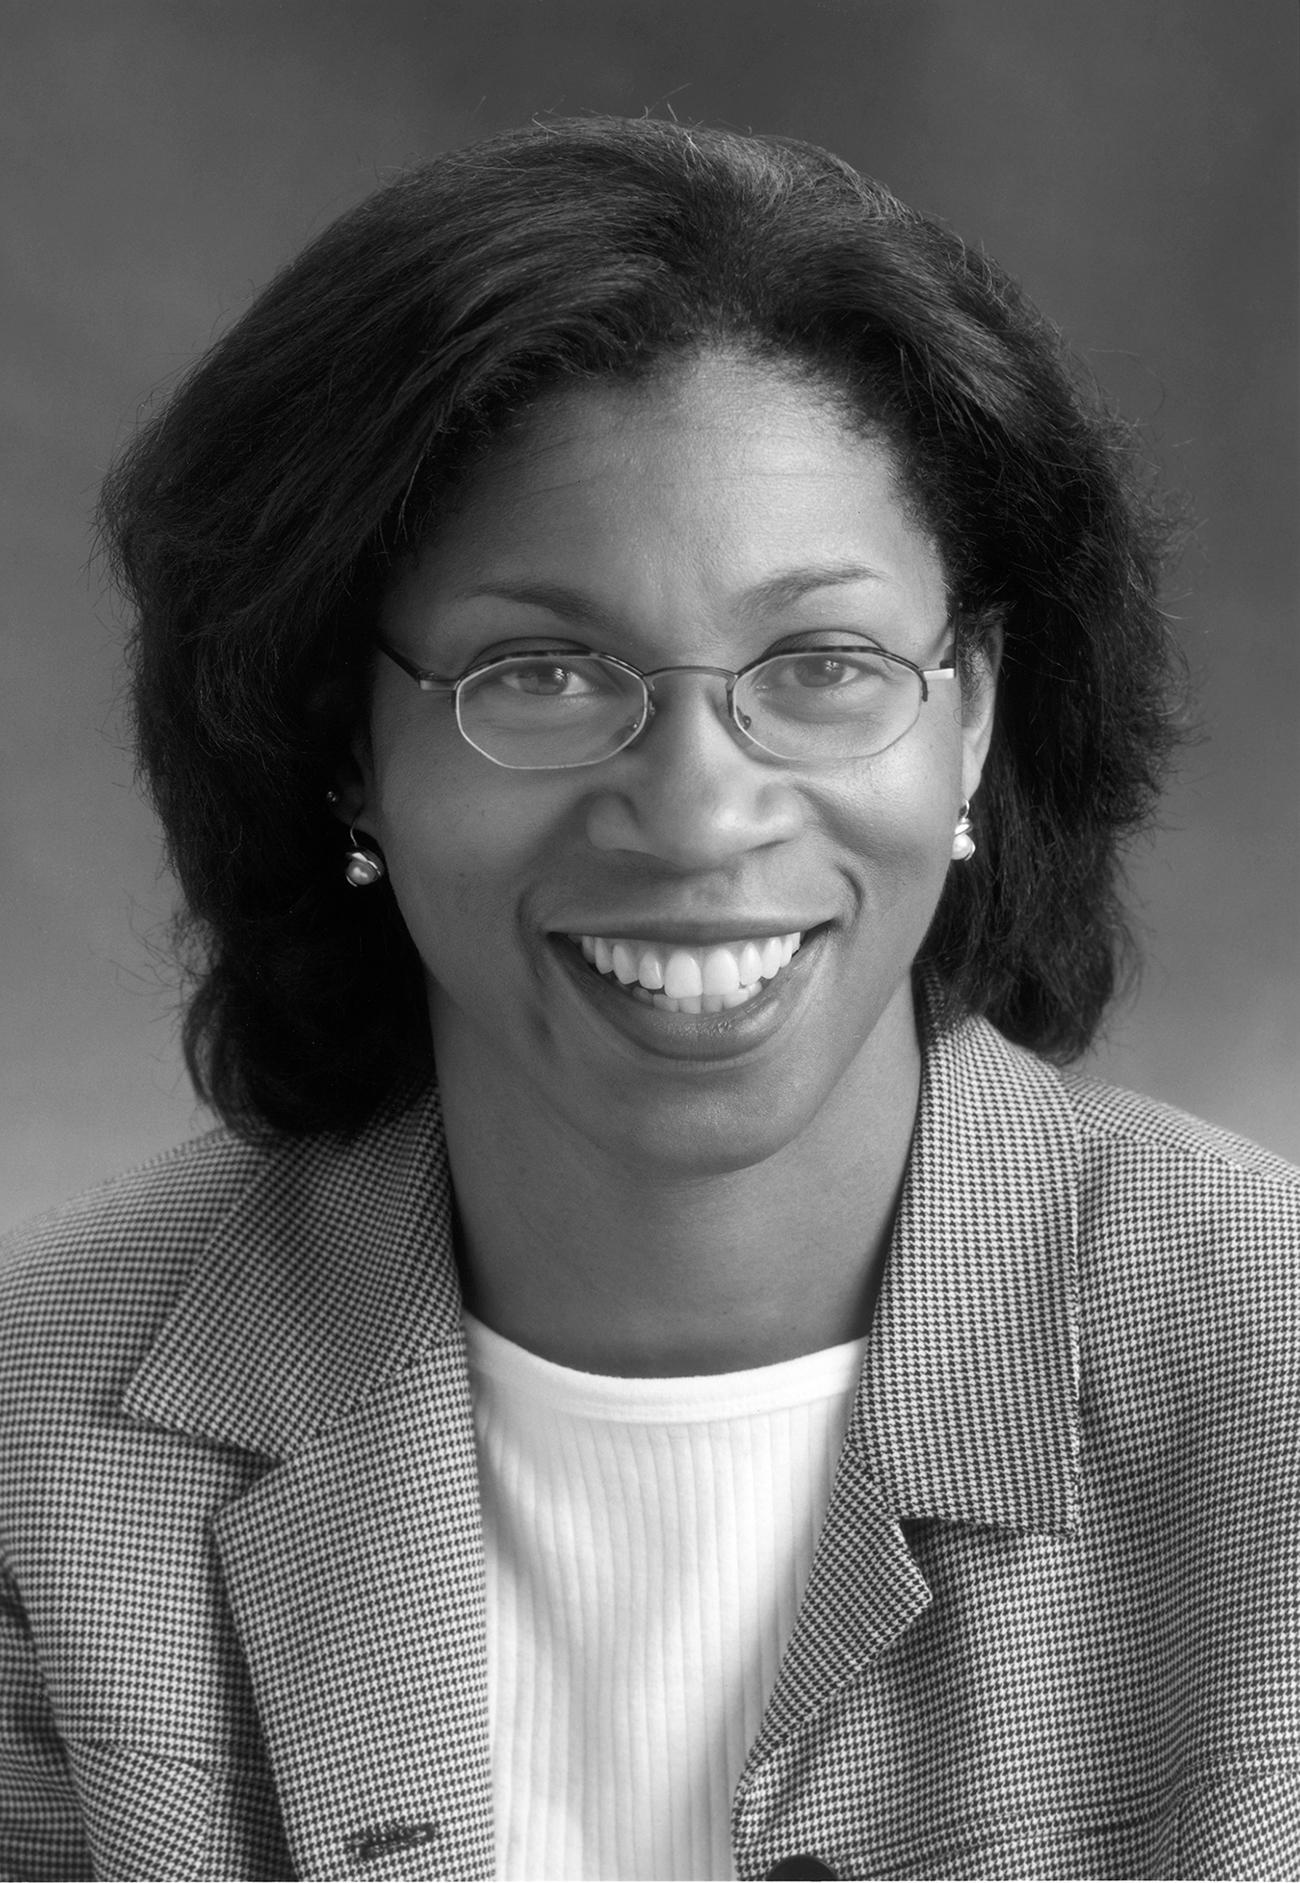 Forum on this topic: Kathleen S. Dunn, gloria-romero-b-1933/